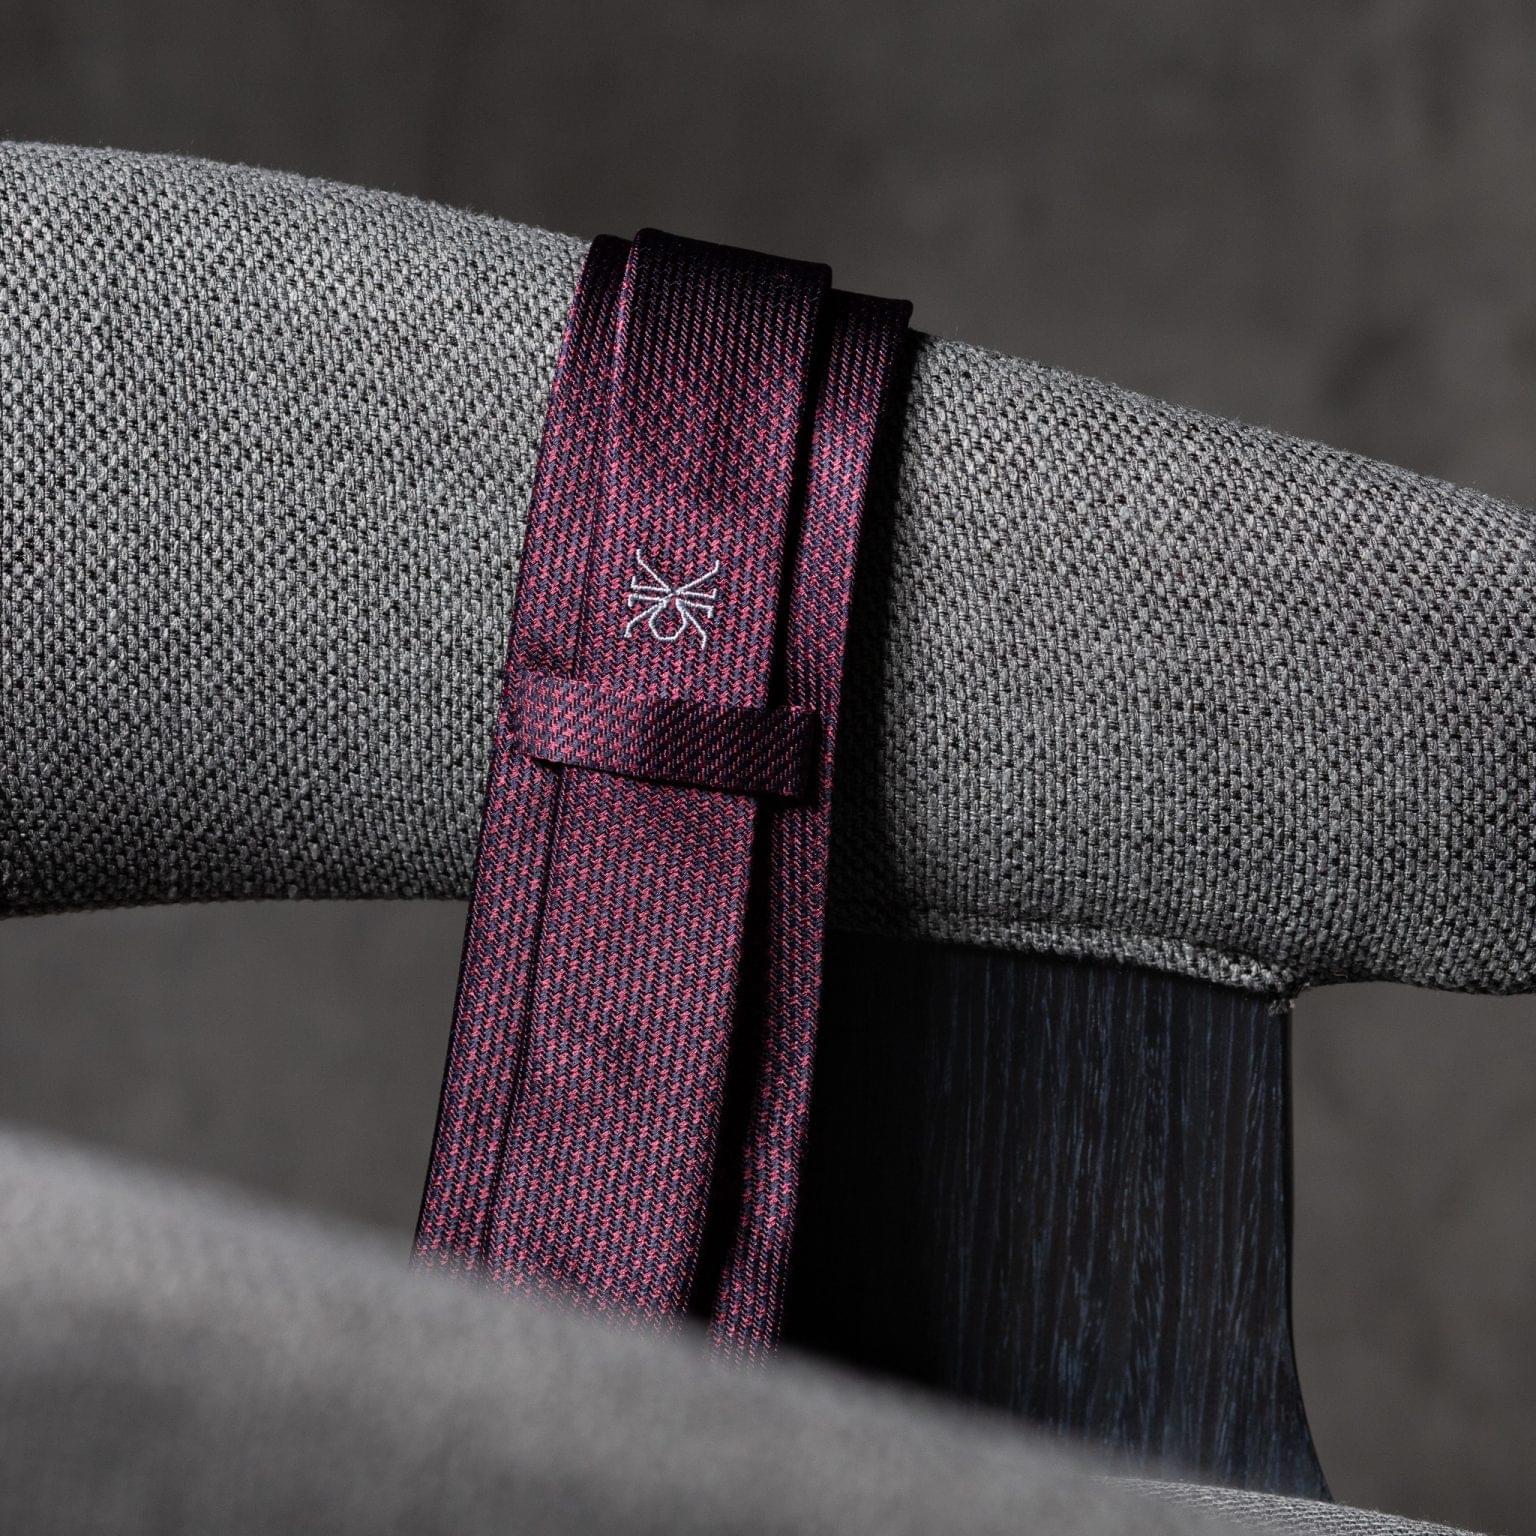 JACQUARD-0539-Tie-Initials-Corbata-Iniciales-The-Seelk-4